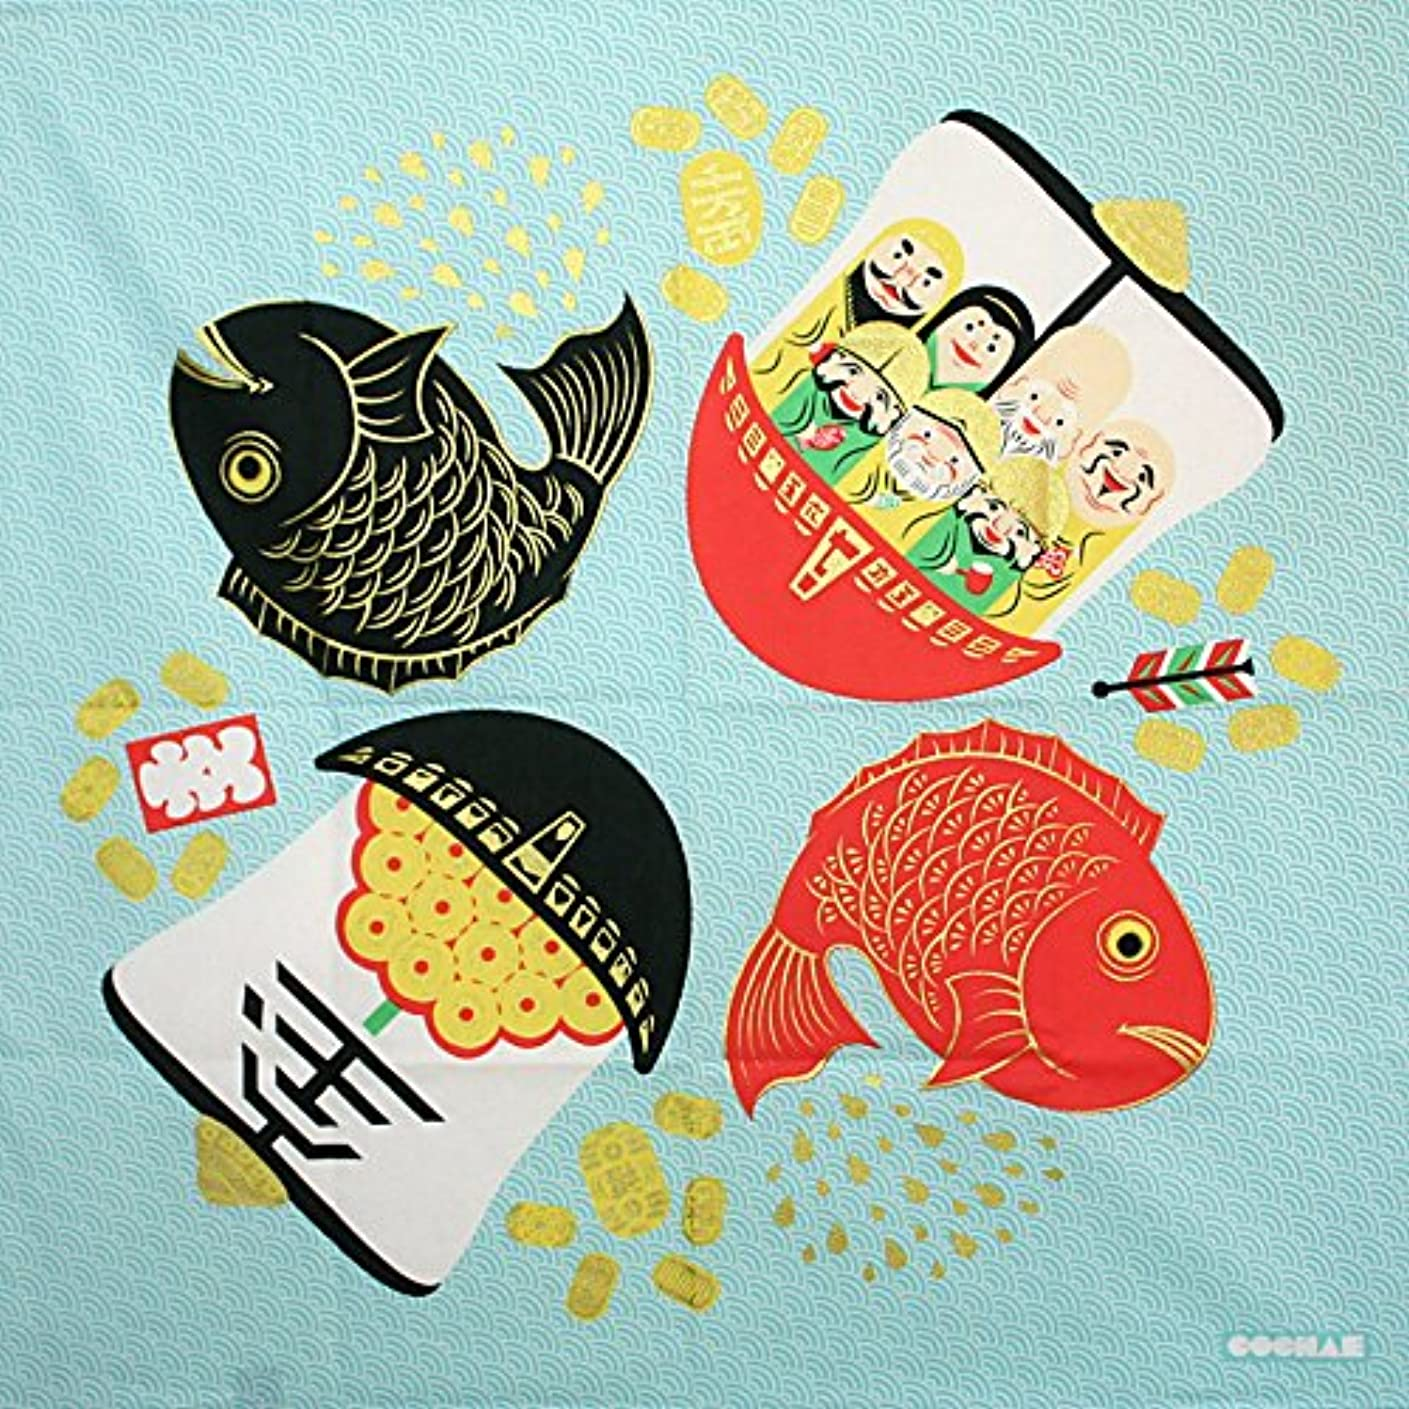 受けるスローくちばし70 福コチャエ 七福神と鯛 ミズイロ 風呂敷